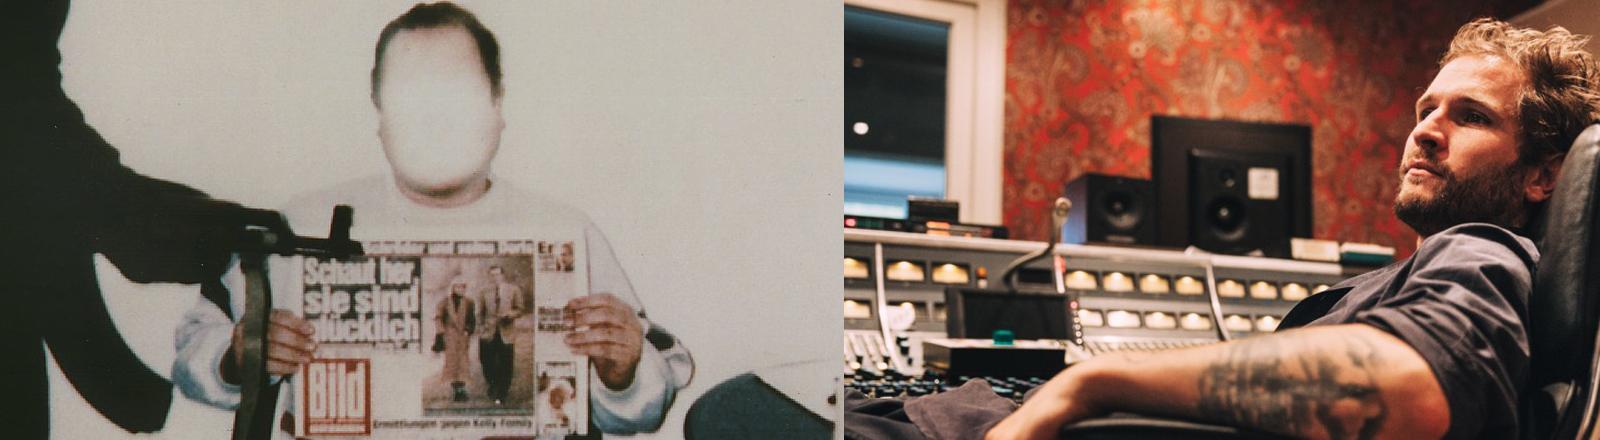 Das von der Polizei geblendete Polaroid-Foto zeigt Jan Philipp Reemtsma bei den Entführern mit einer Ausgabe der Bild-Zeitung vom 26.3.1996. Das Foto wurde den Angehörigen als Lebensbeweis übermittelt.